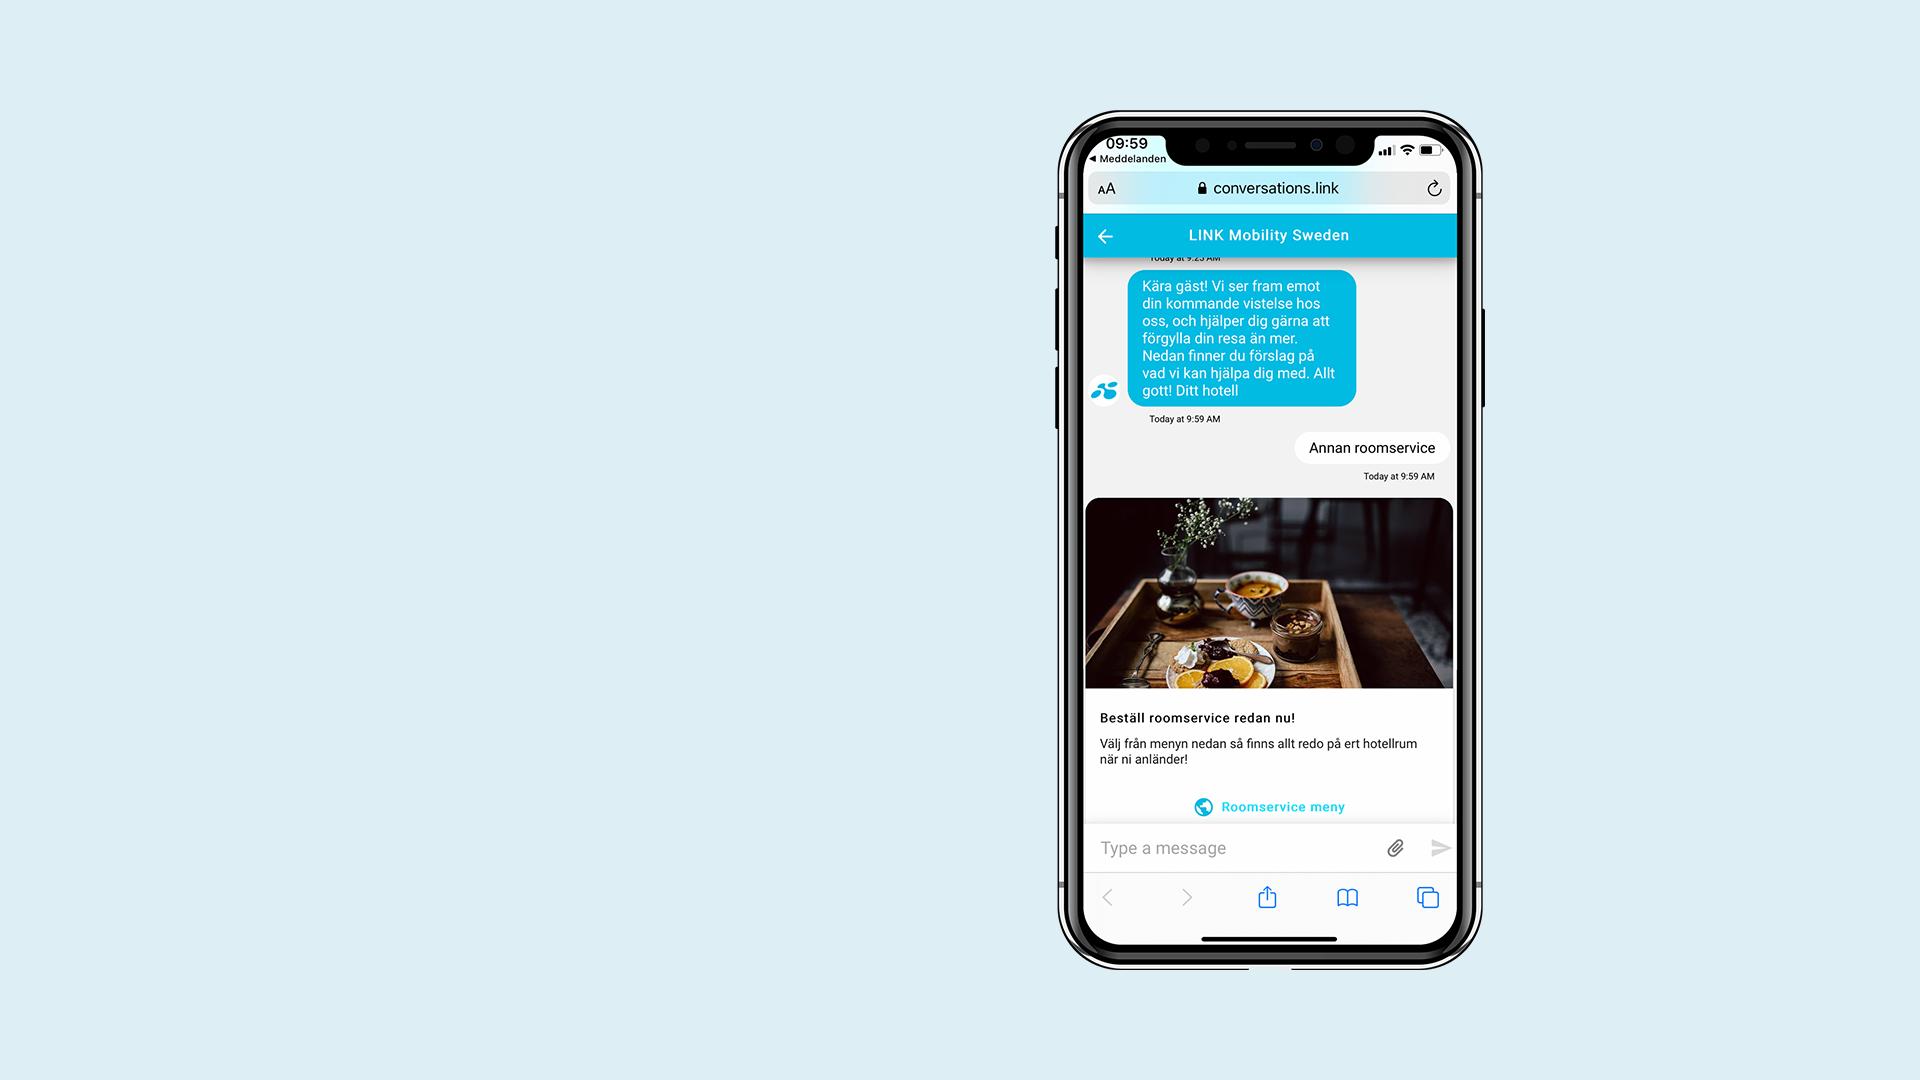 Engagerande kunddialog via SMS - LINK Conversations